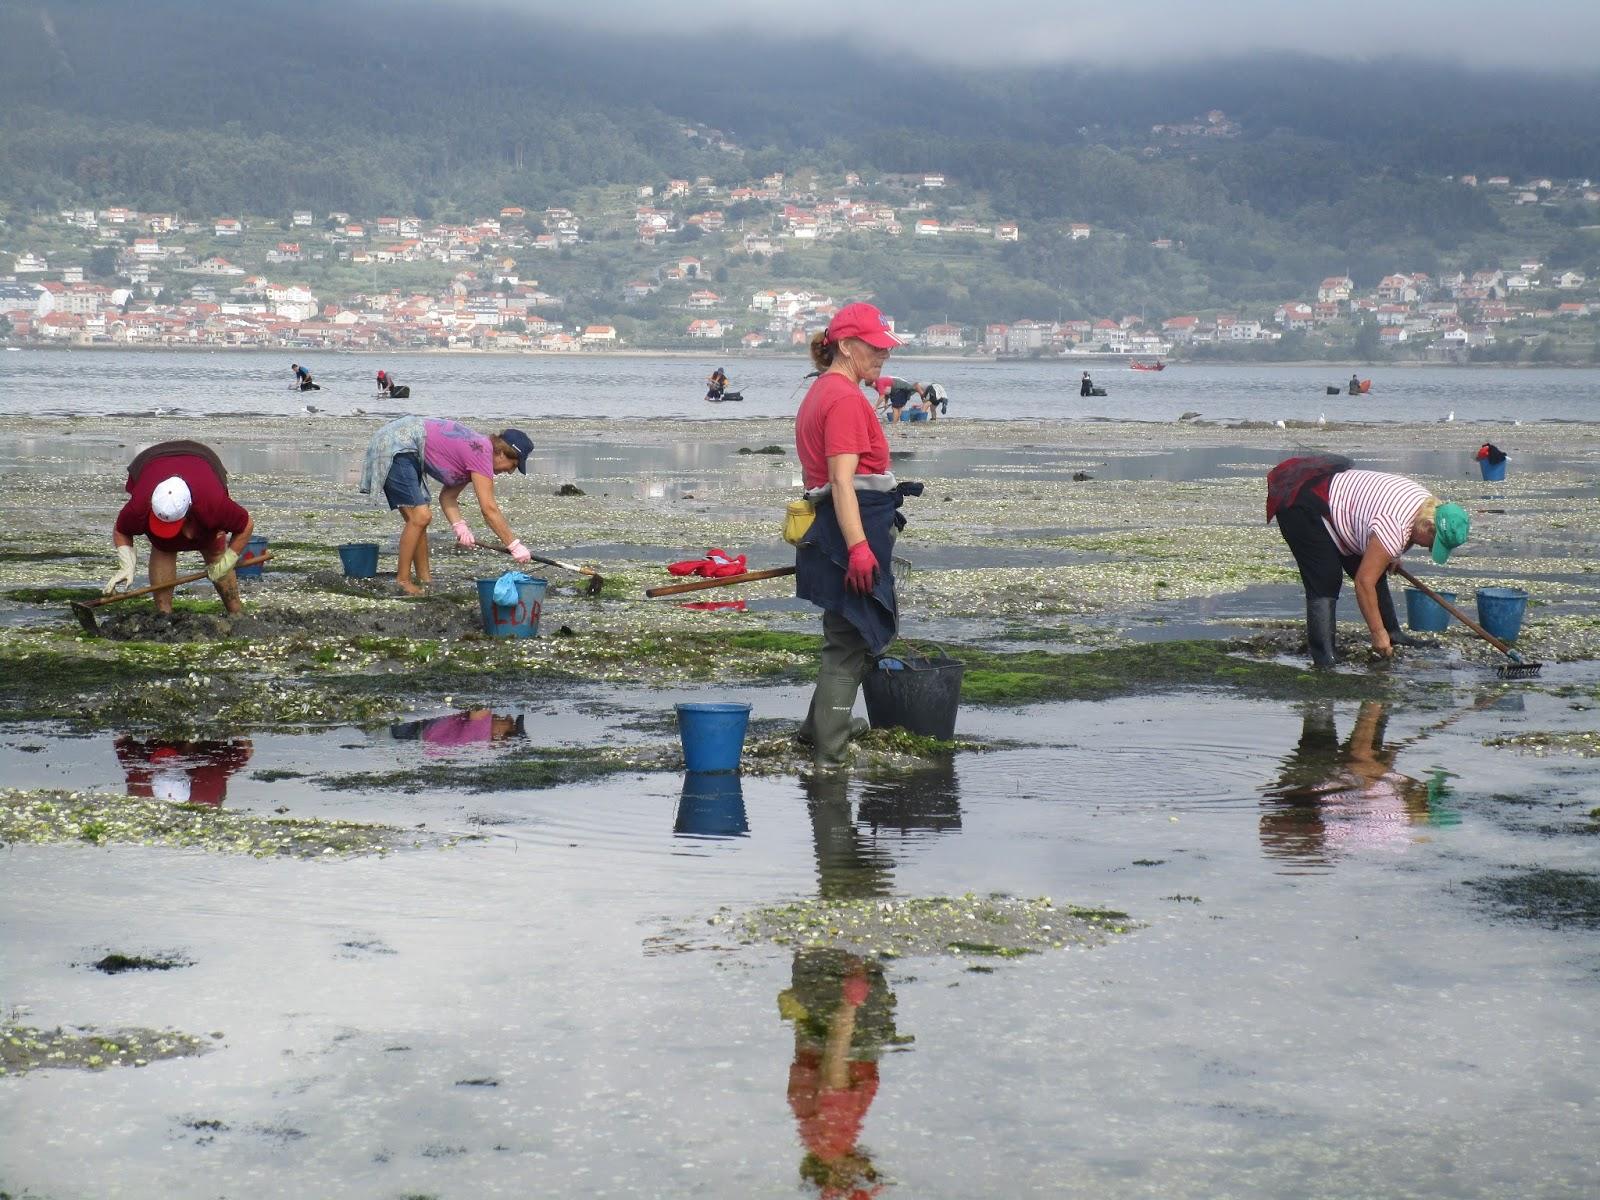 mariscadoras trabajando